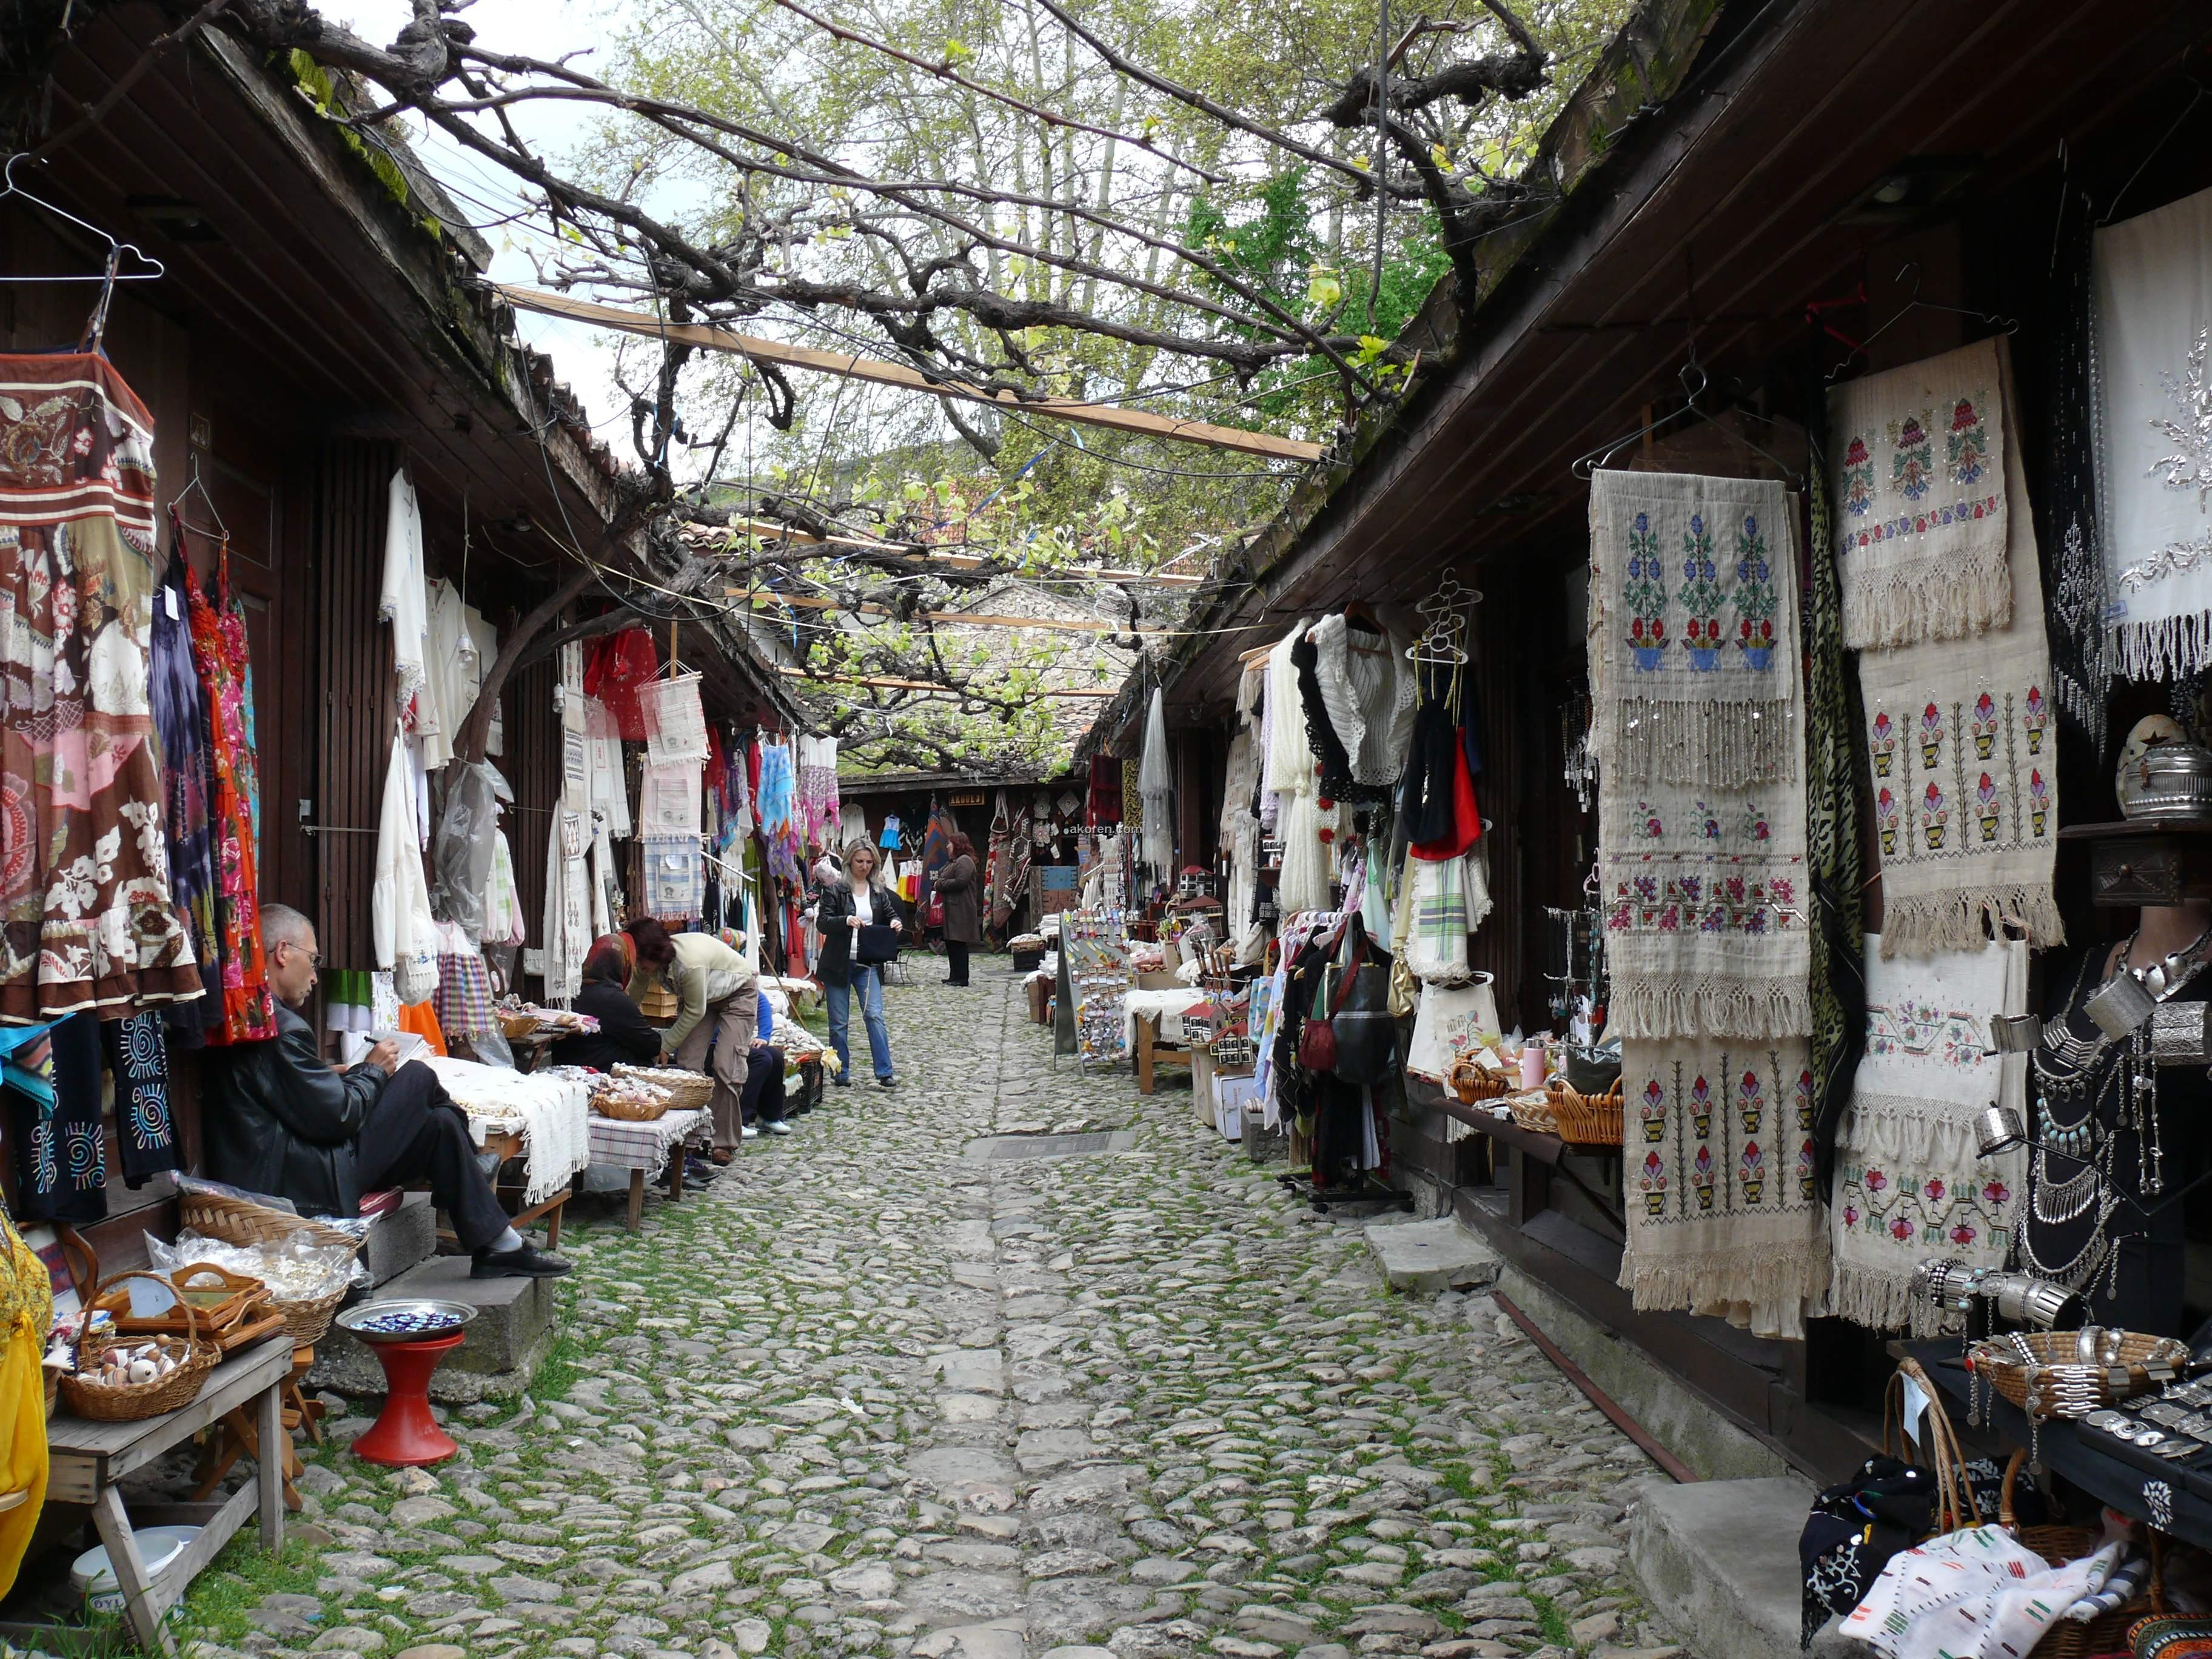 Safranbolu Bazaar